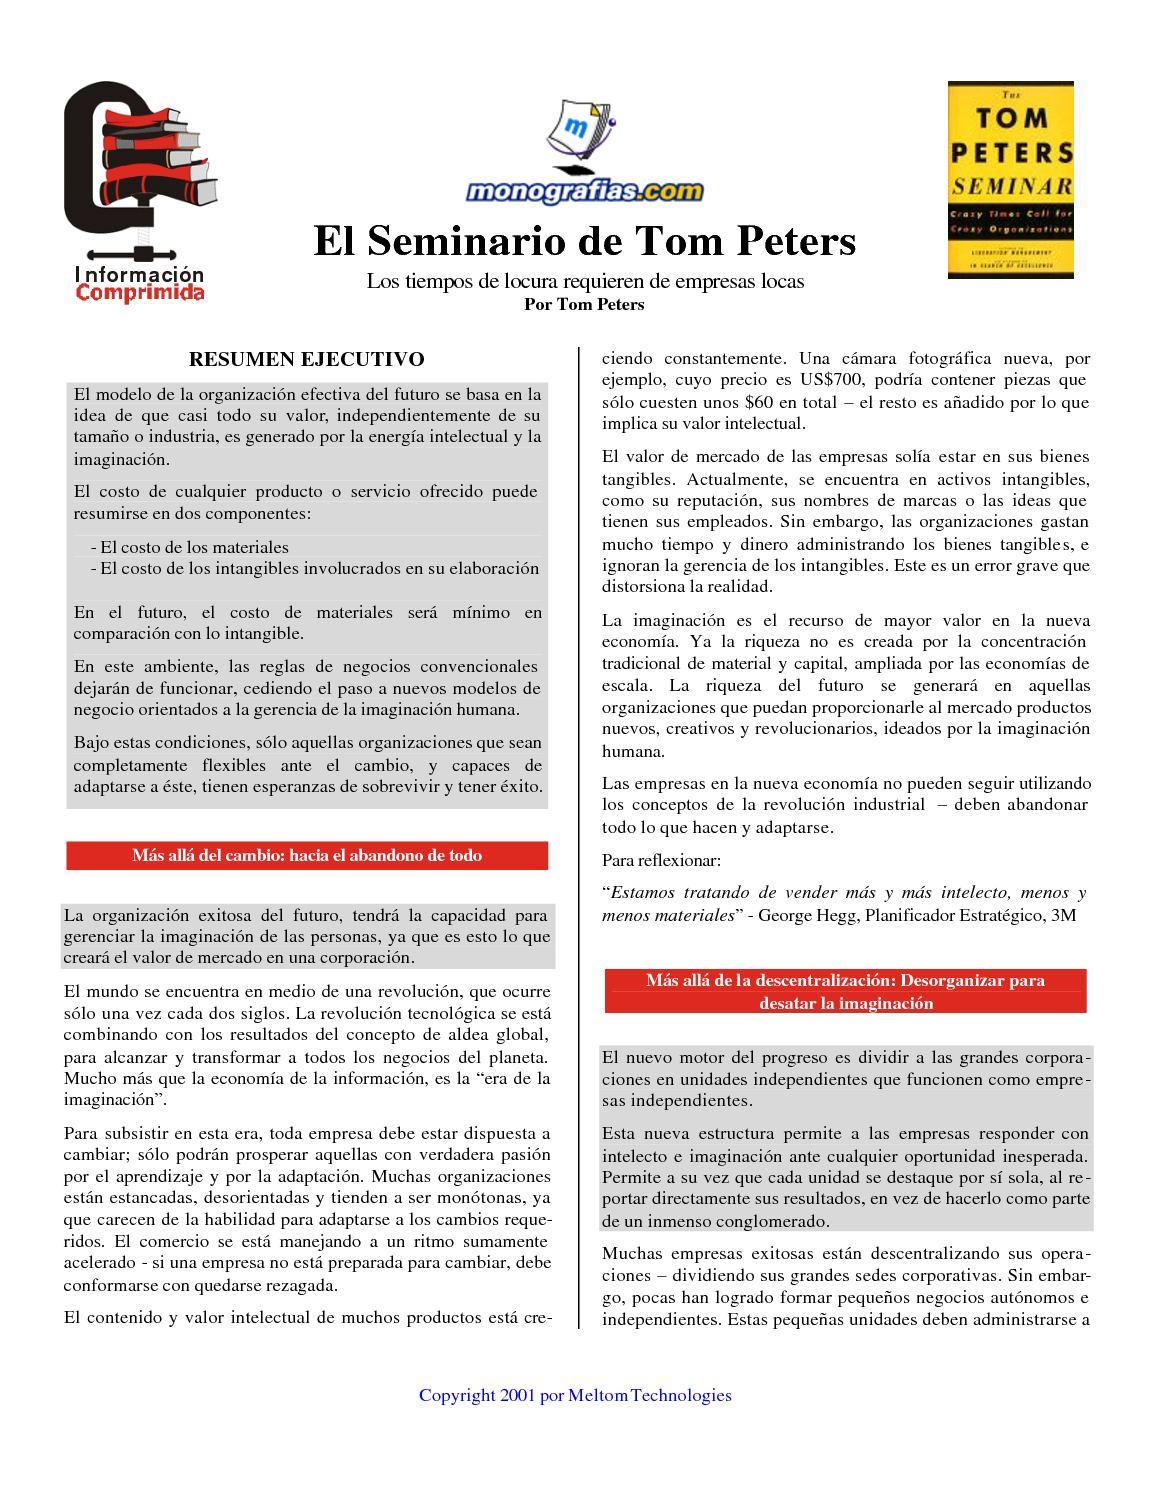 Calaméo - El seminario de Tom Peters